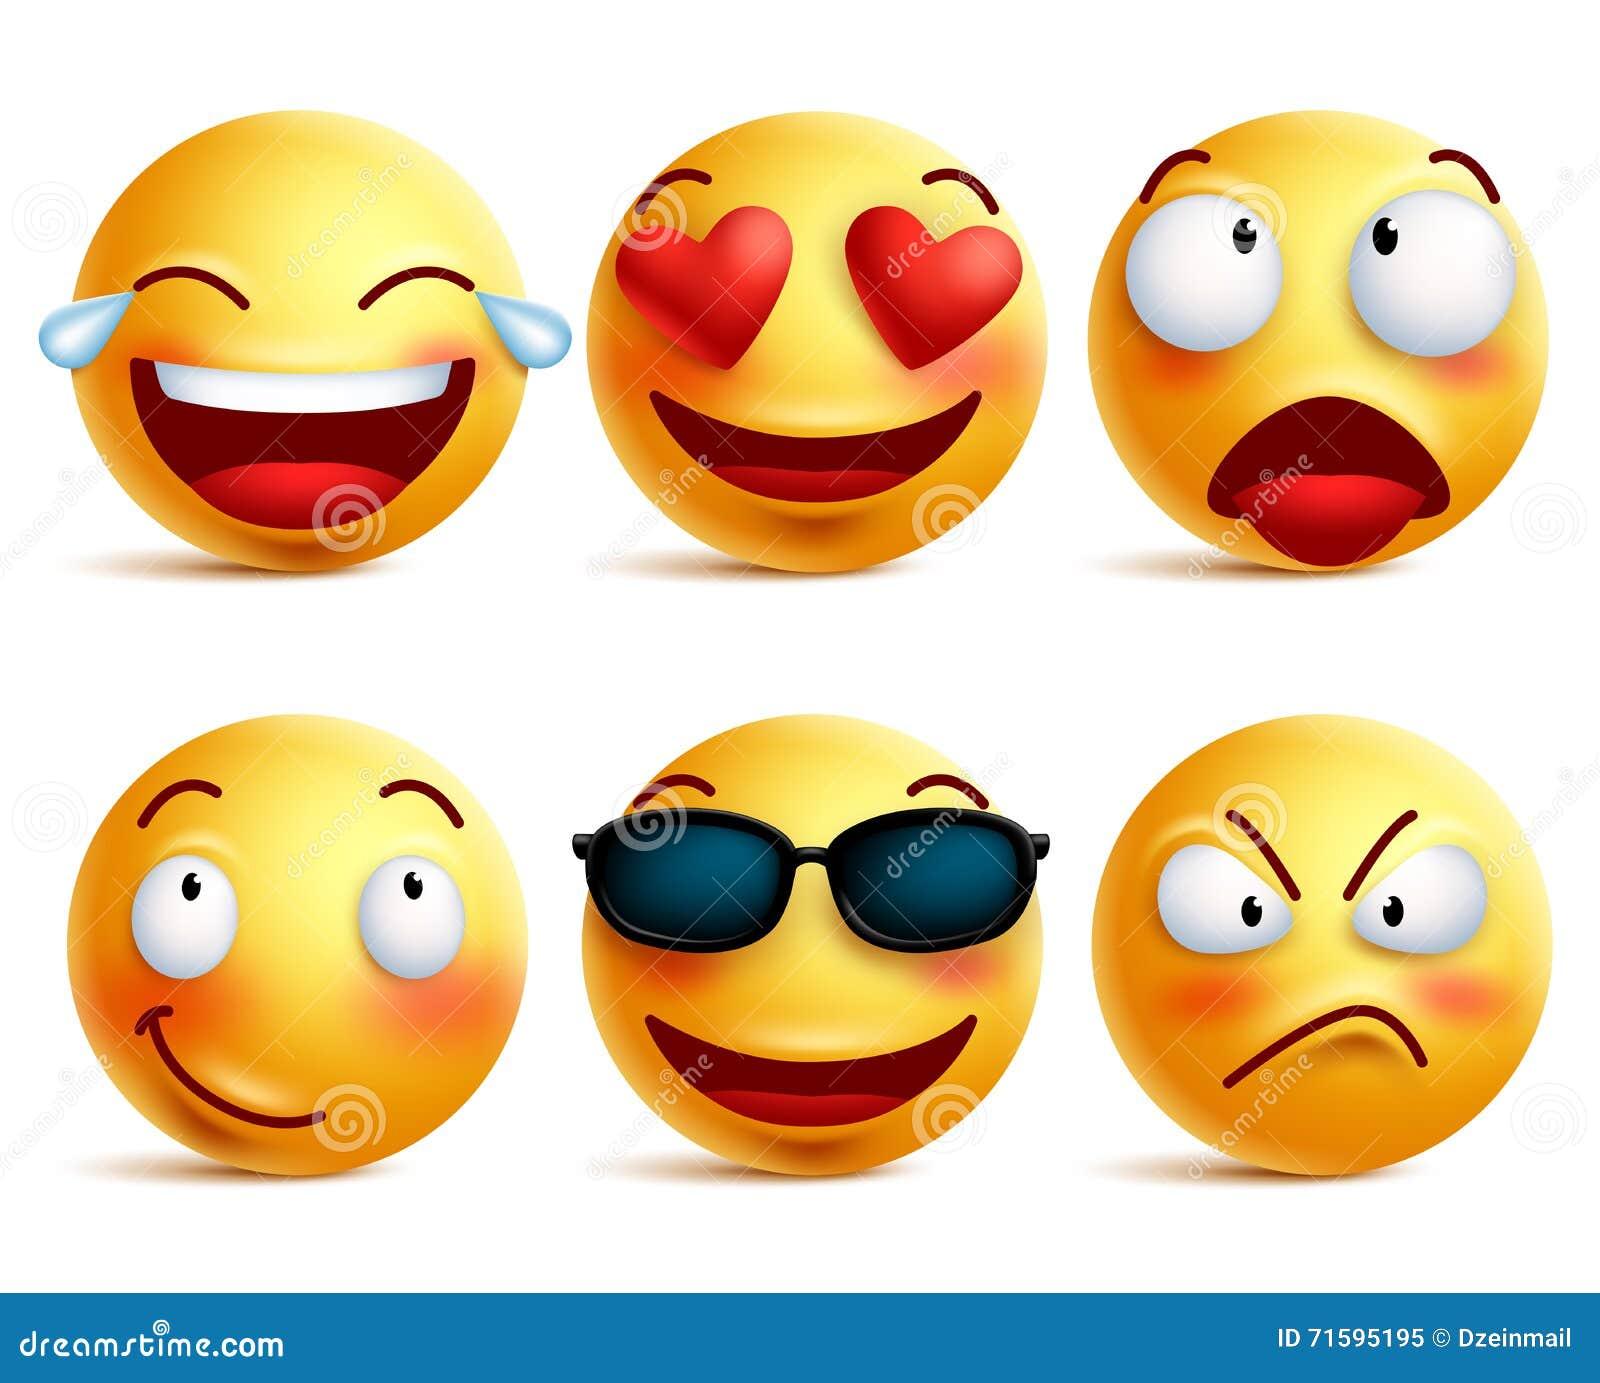 Iconos sonrientes de la cara o emoticons amarillos con las caras divertidas emocionales